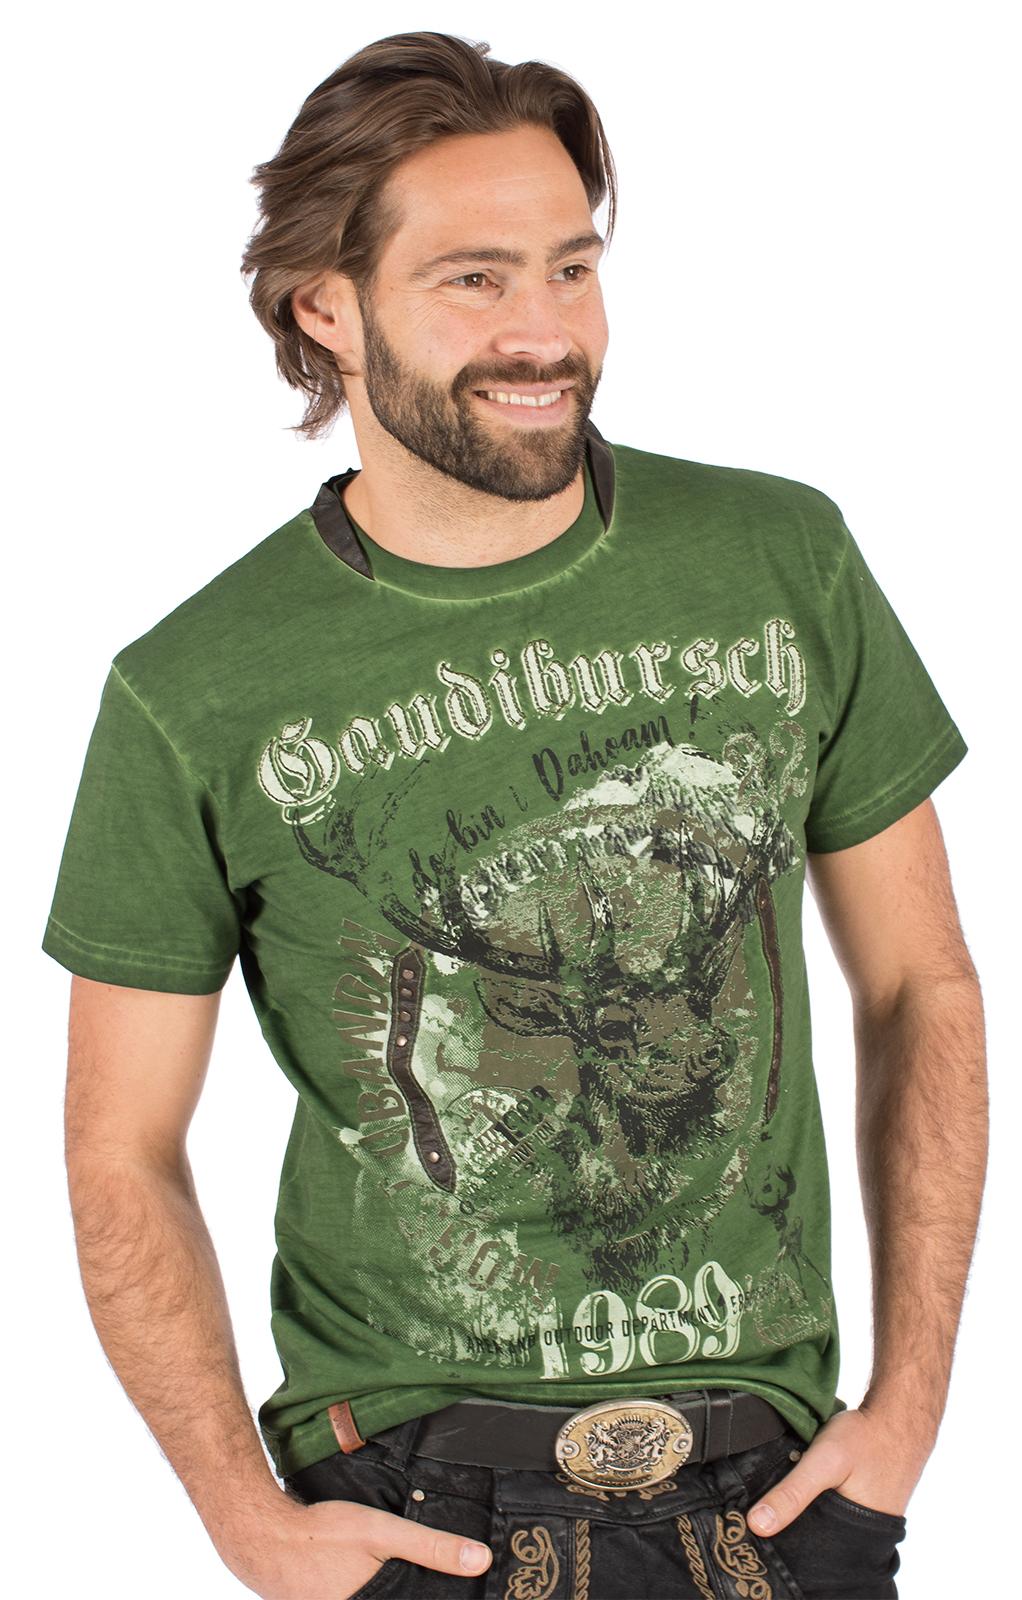 Trachten T-Shirt B36 - GAUDIBURSCH grün von Marjo